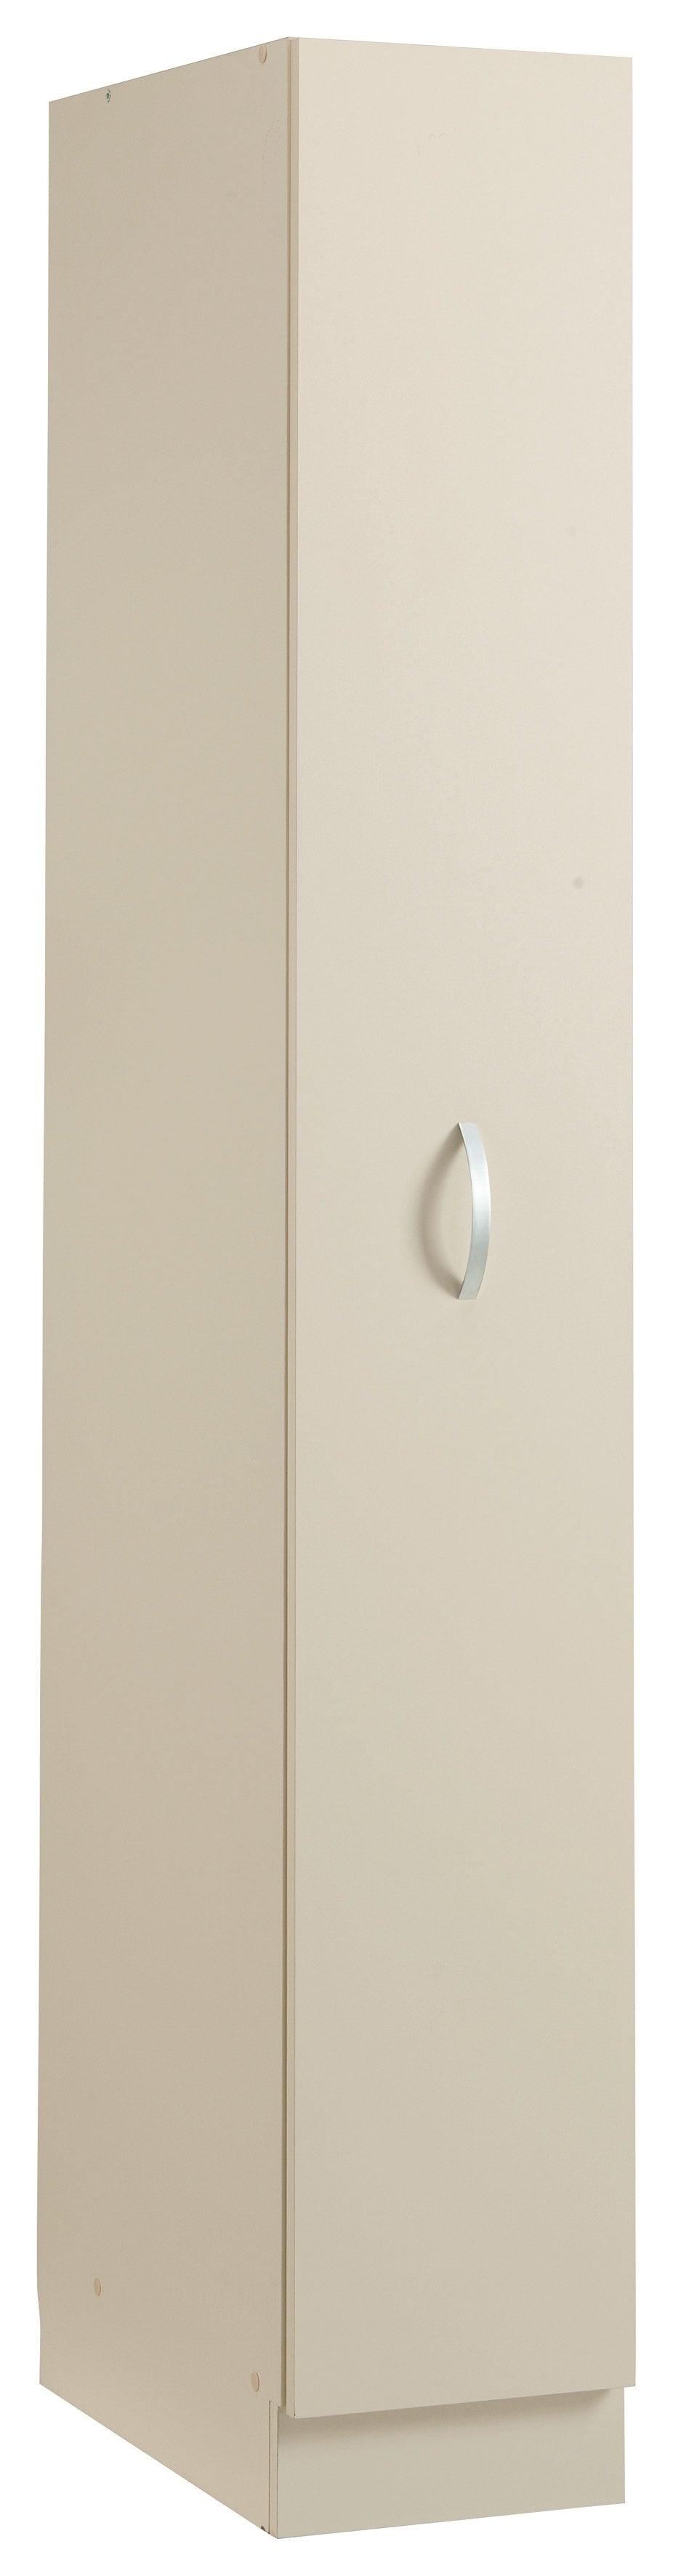 Apothekerschrank Amrum   Küche und Esszimmer > Küchenschränke > Apothekerschränke   Gelb   Glänzend - Metall - Melamin